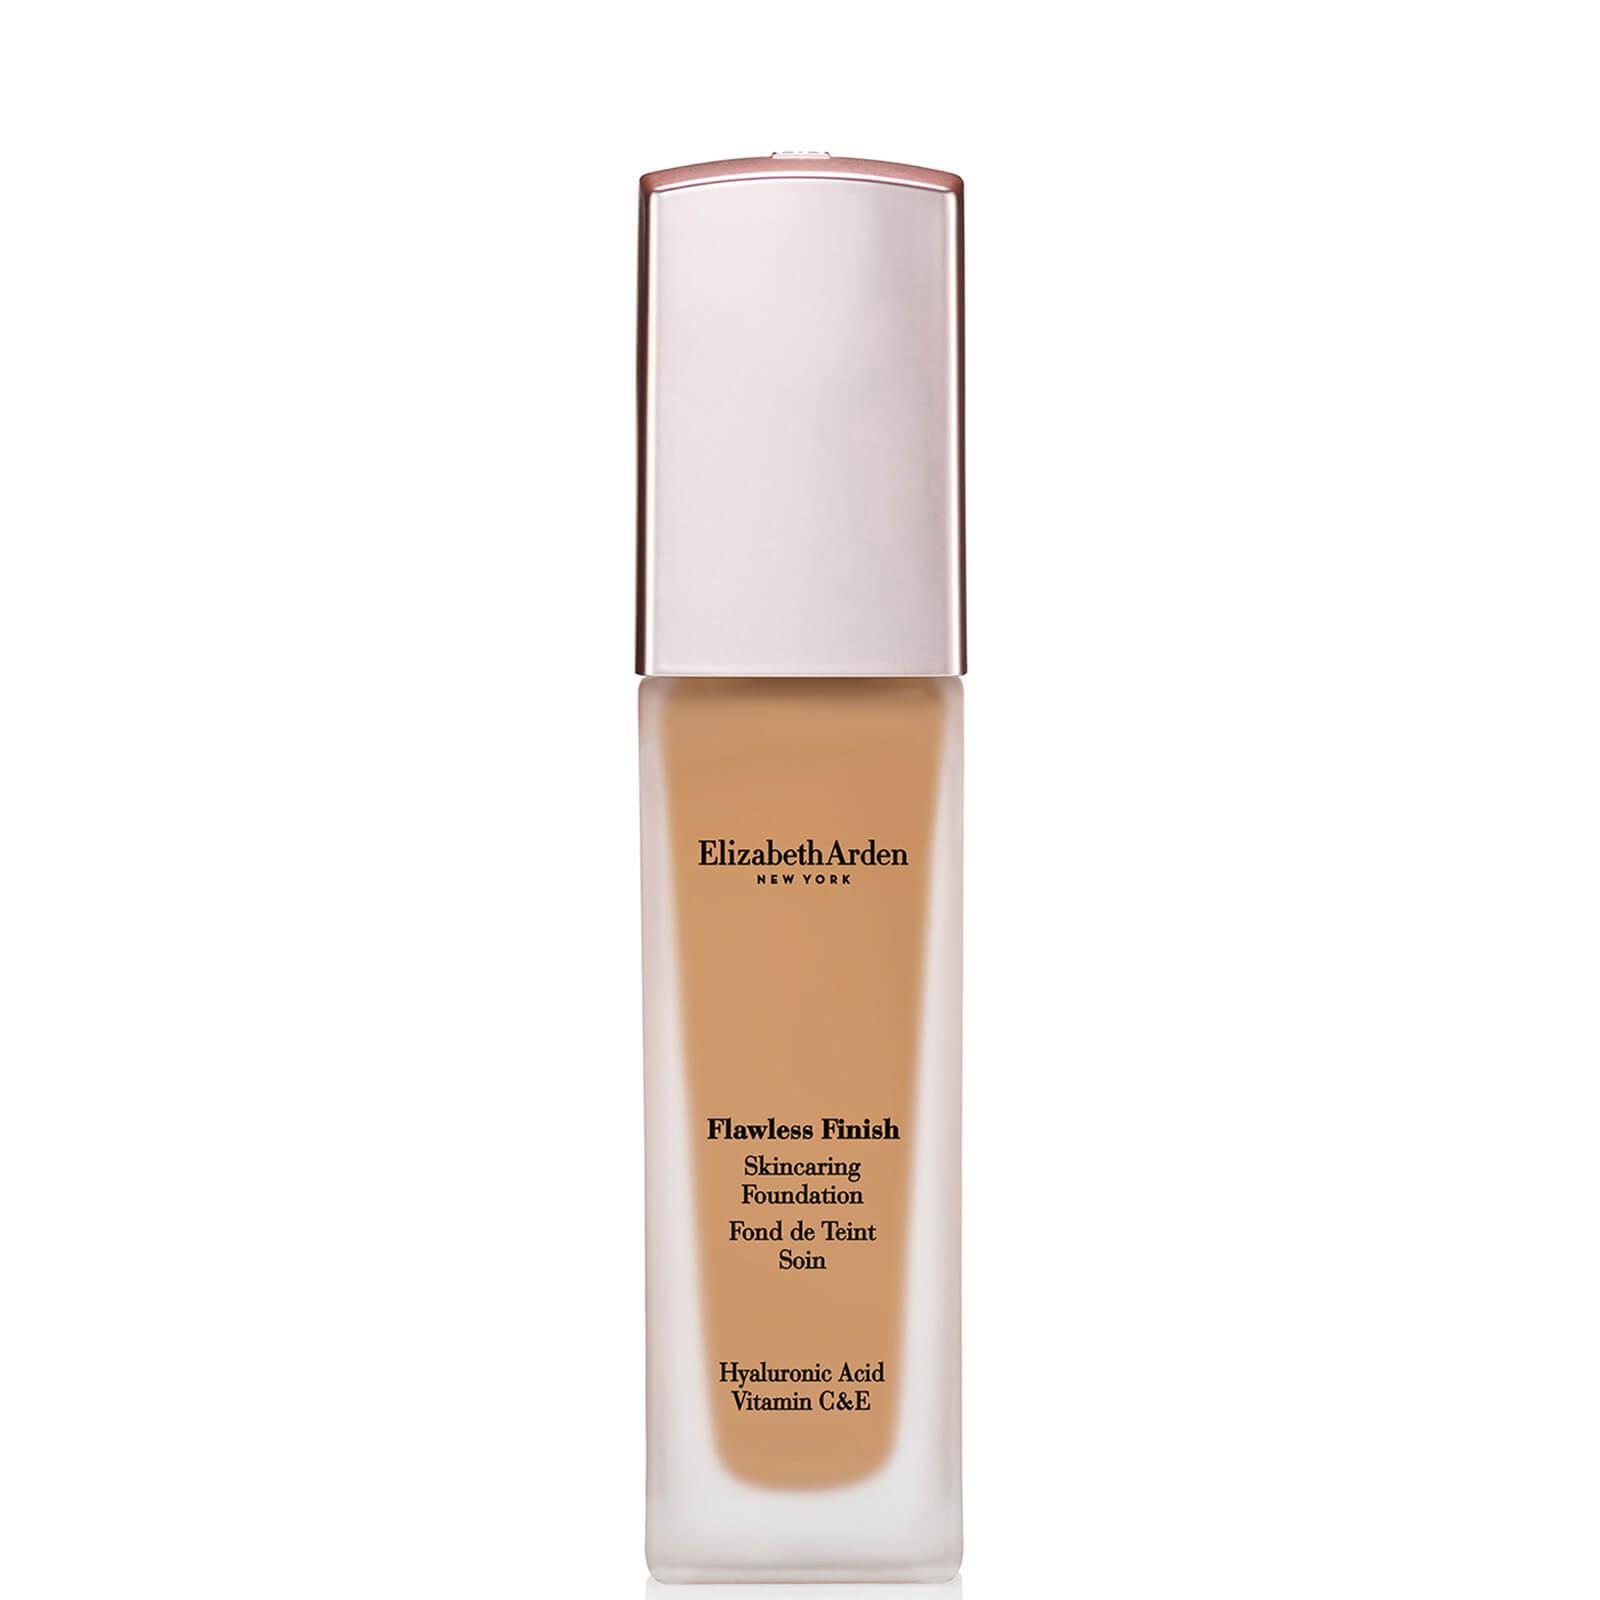 Купить Elizabeth Arden Flawless Finish Skincaring Foundation 30ml (Various Shades) - 440W